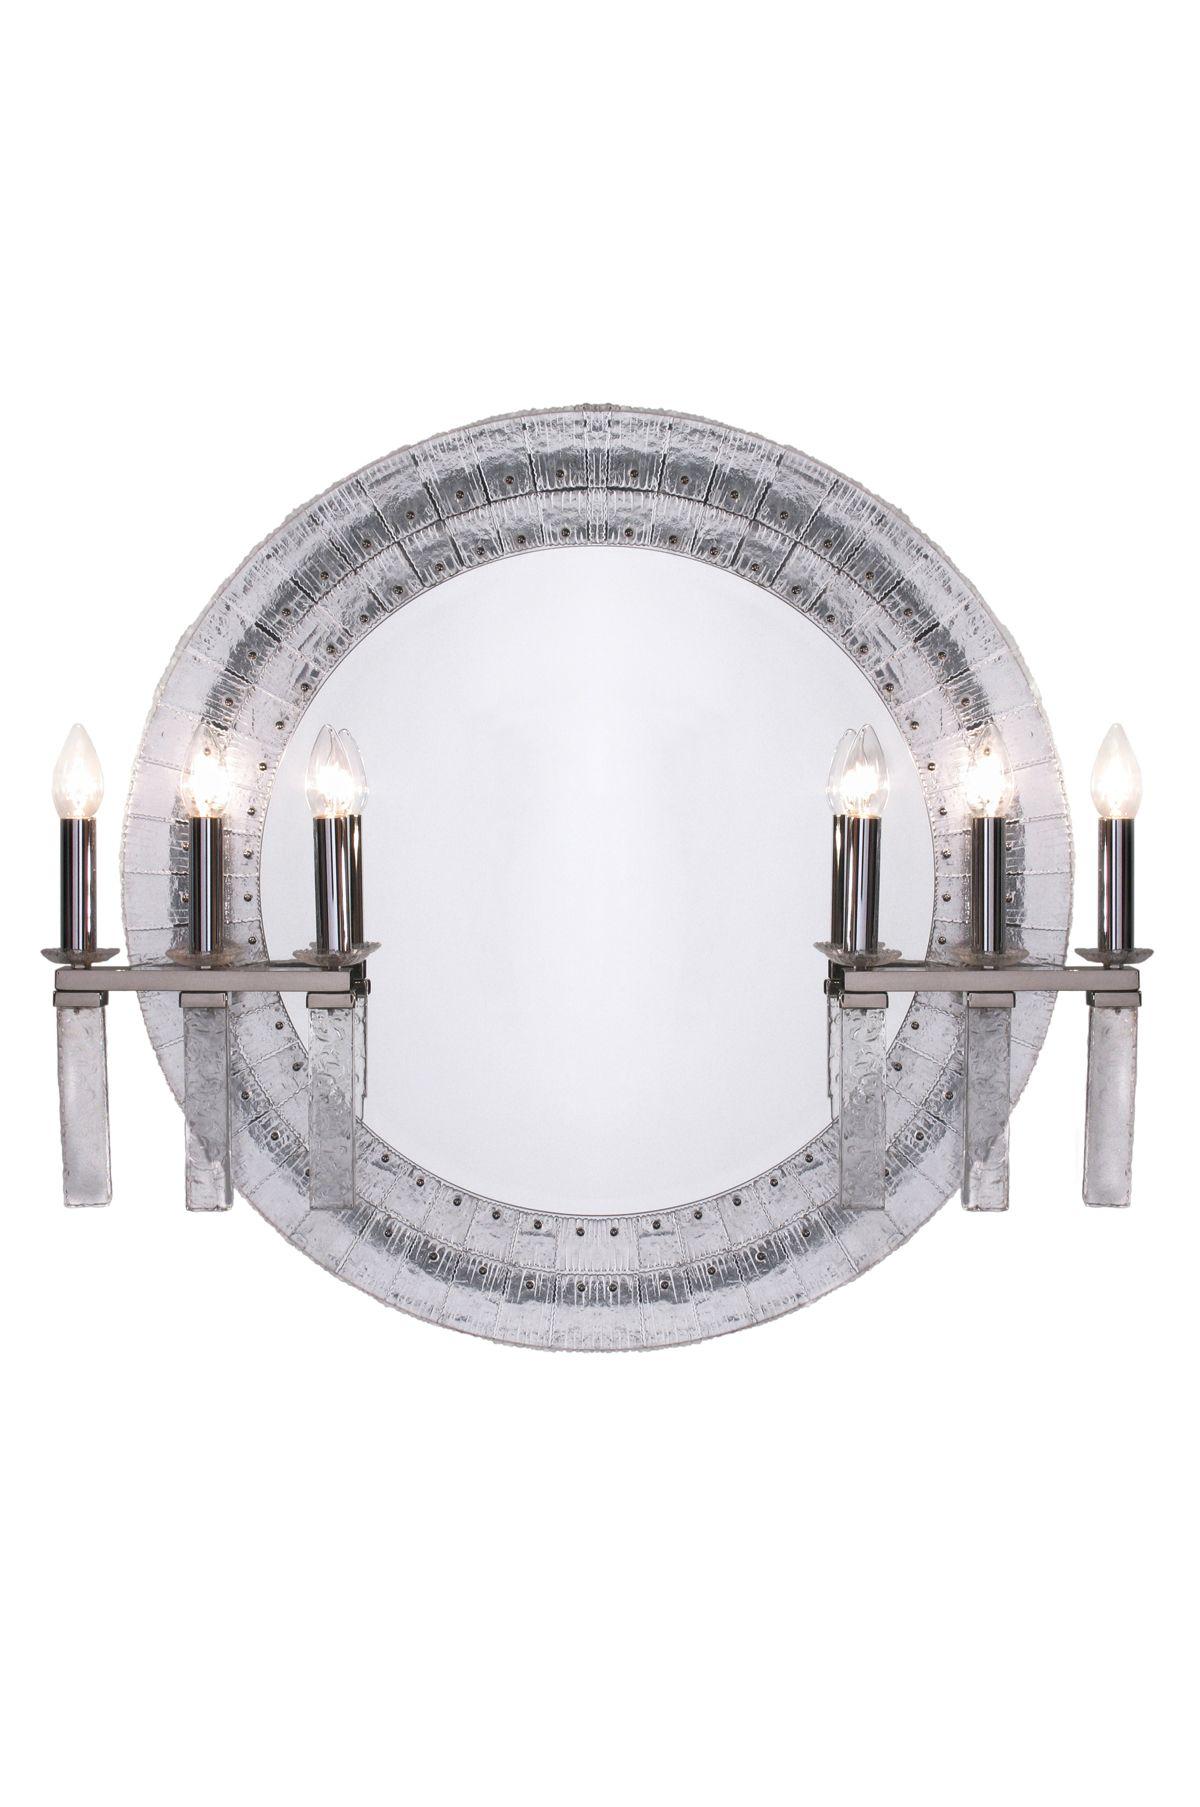 Encadrement r alis par une rang e de plaques de verre for Argenture miroir